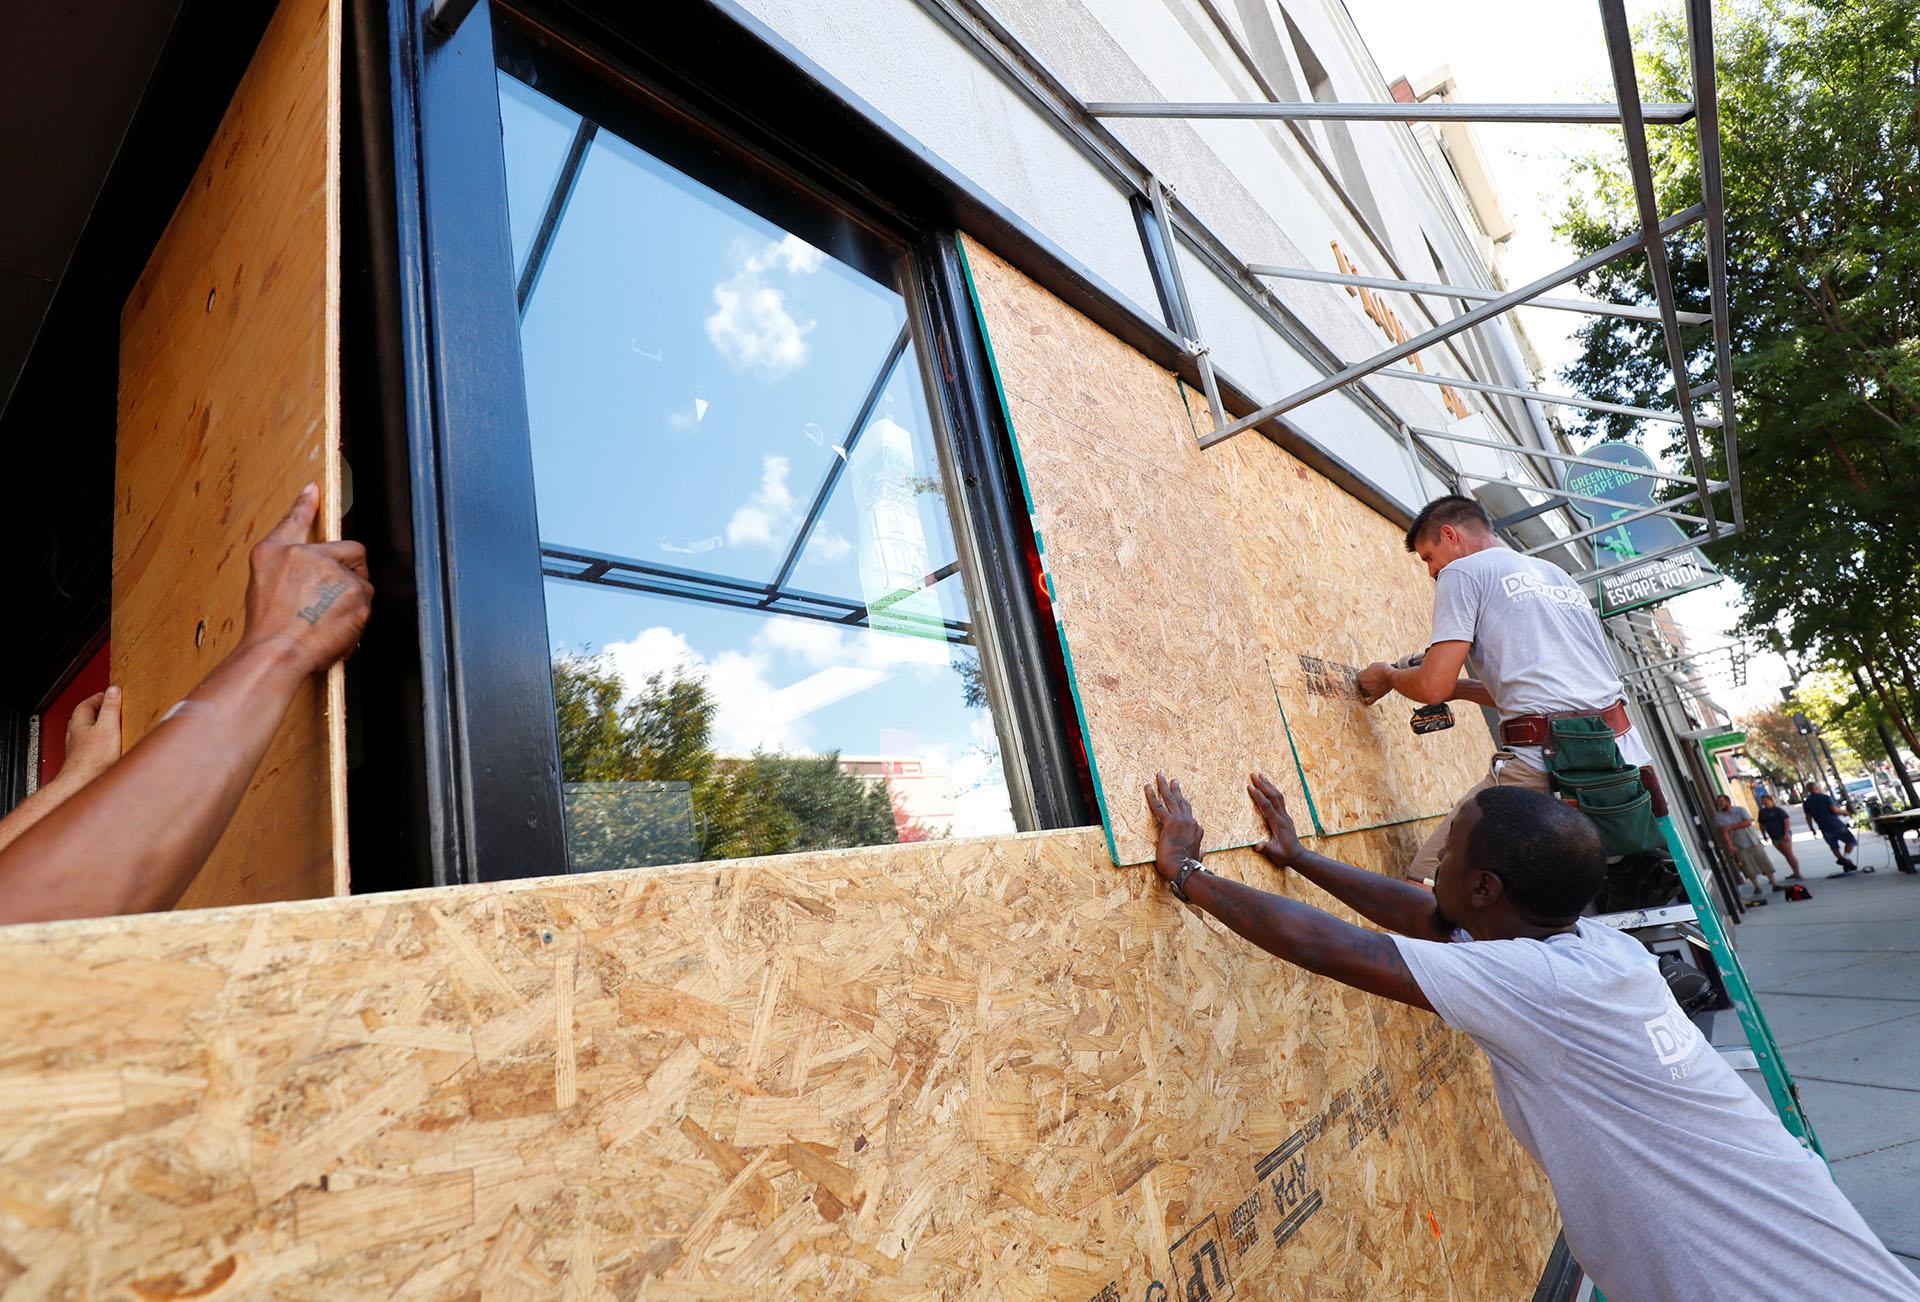 Trabajadores aseguran la madera para proteger ventanales antes de la llegada del huracán Florence en Wilmington, Carolina del Norte, EE.UU, 12 de septiembre de 2018 (REUTERS / Chris Keane)